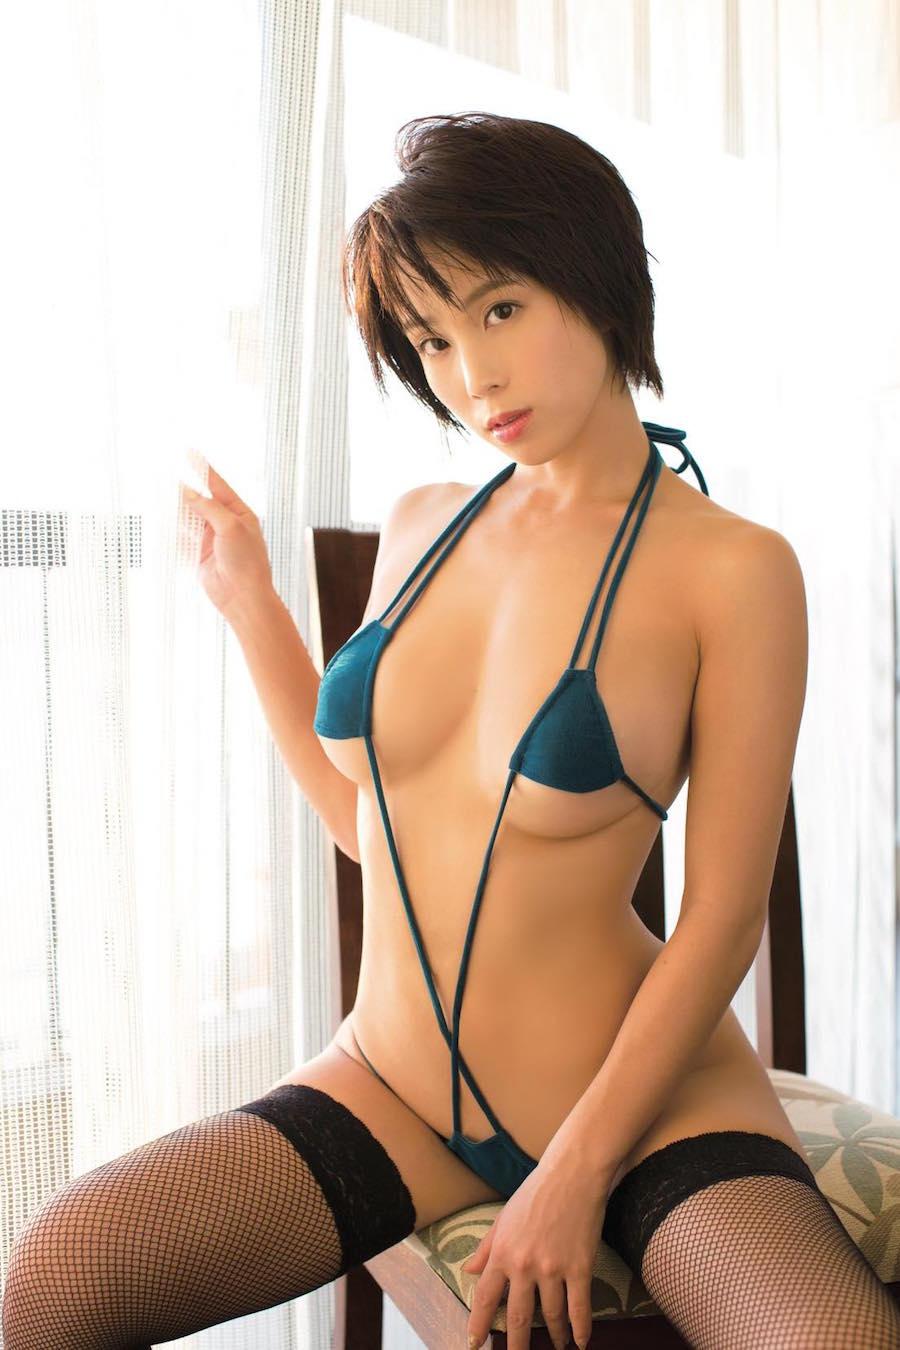 犬童美乃梨「吸い付くような柔らかバスト」ストイックな美ボディの画像011